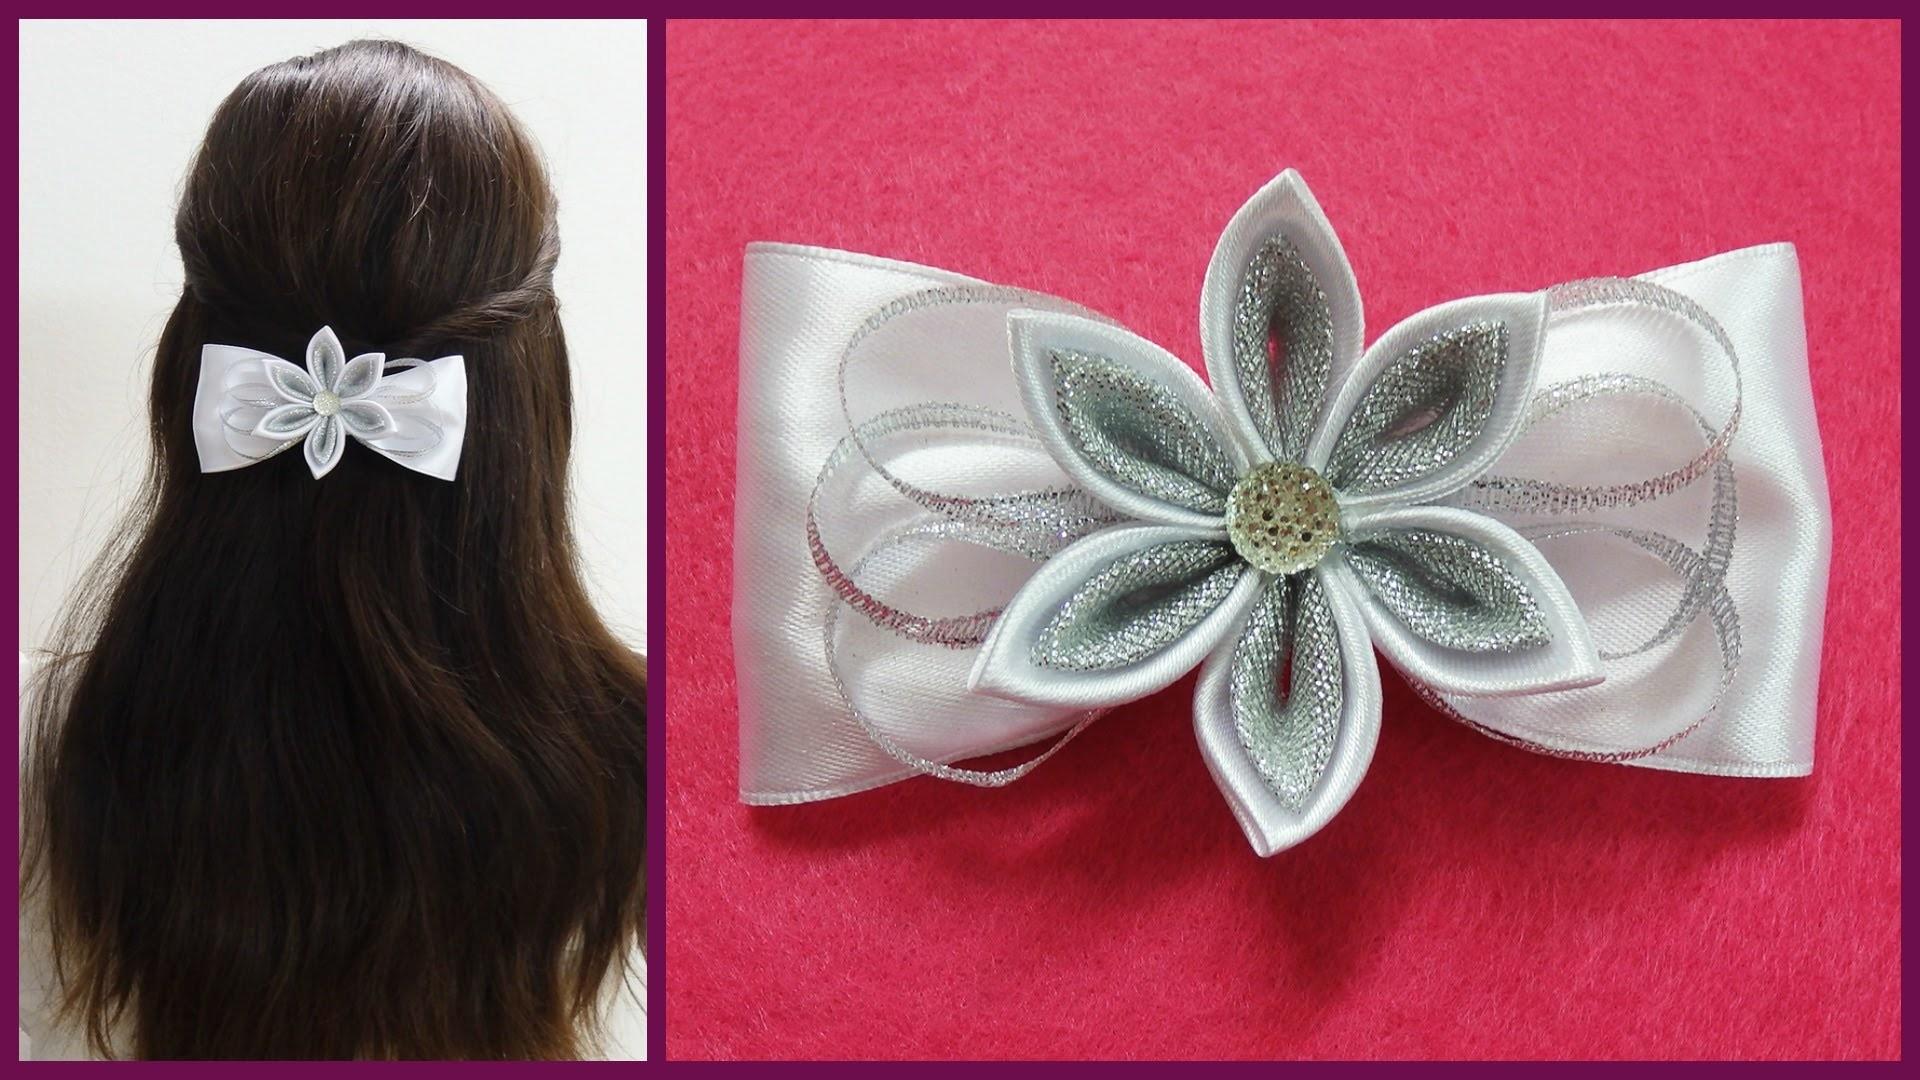 DIY kanzashi hair bow,how to make hair bow,kanzashi tutorial